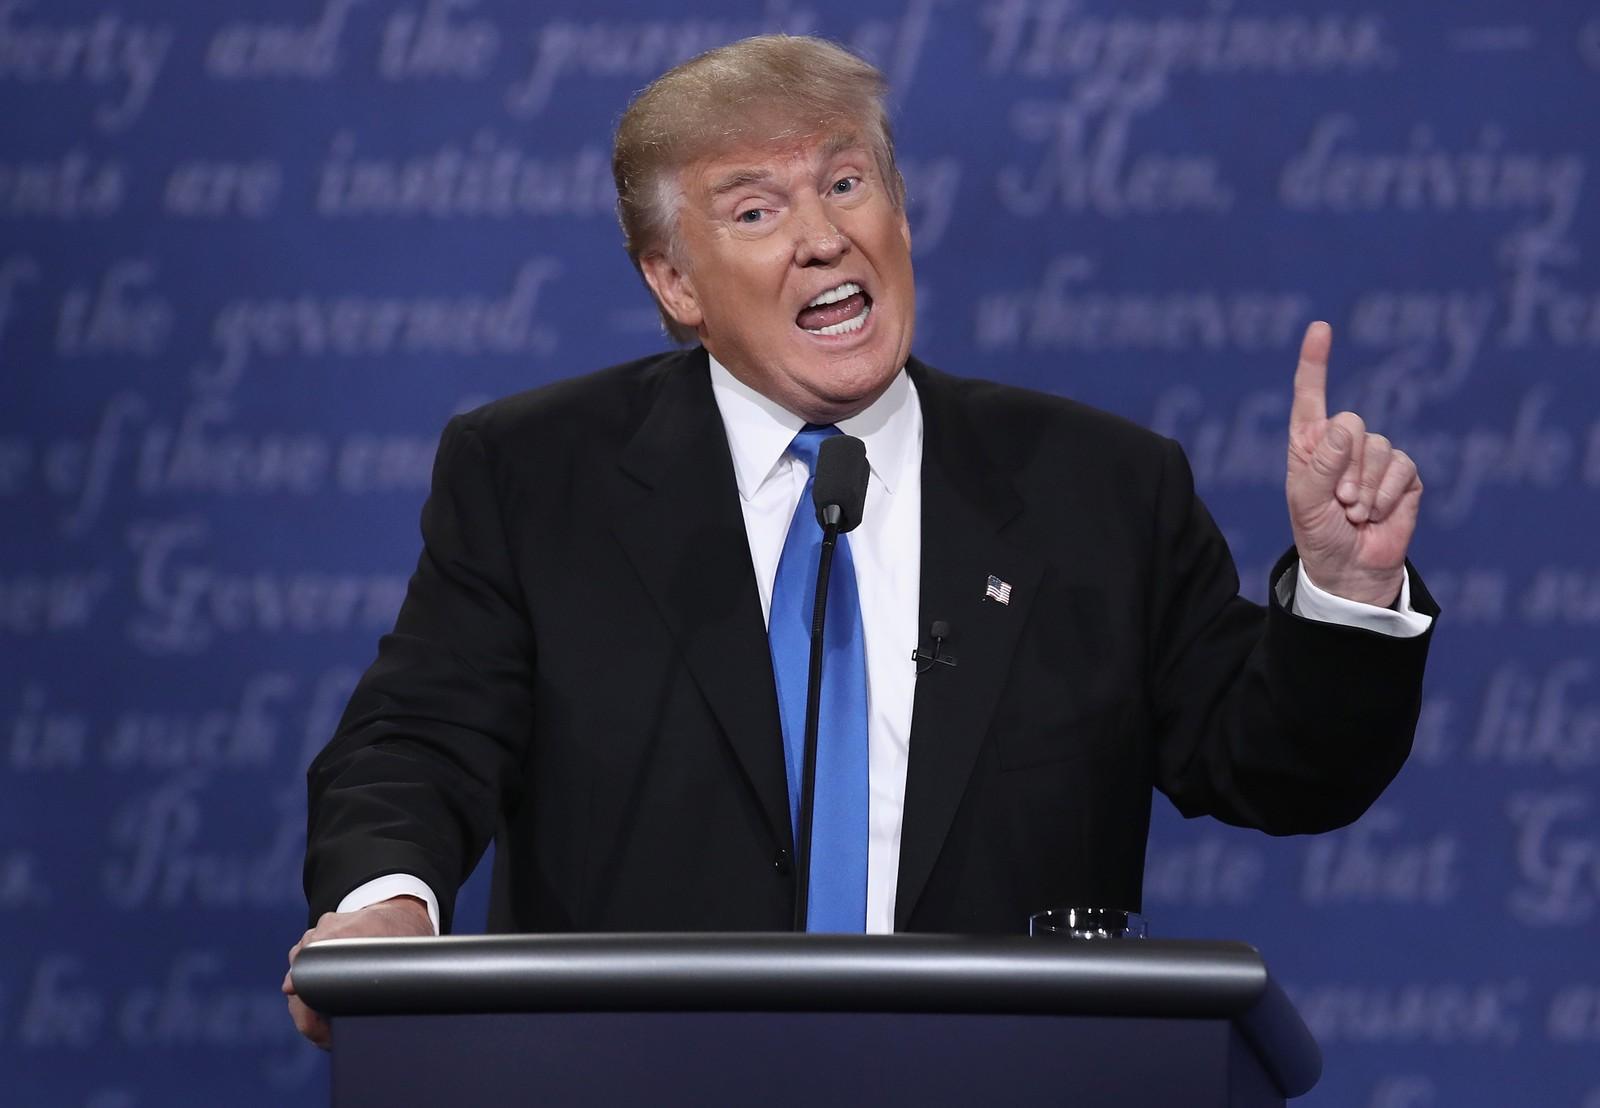 Donald Trump avbrøt mest under debatten, ifølge statistikknettstedet Fivethirtyeight.com. Han forsøkte å ta ordet ved 24 tilfeller og greide det i tre. Hillary fikk ingen vellykkede avbrytelser, selv om hun forsøkte fem ganger.